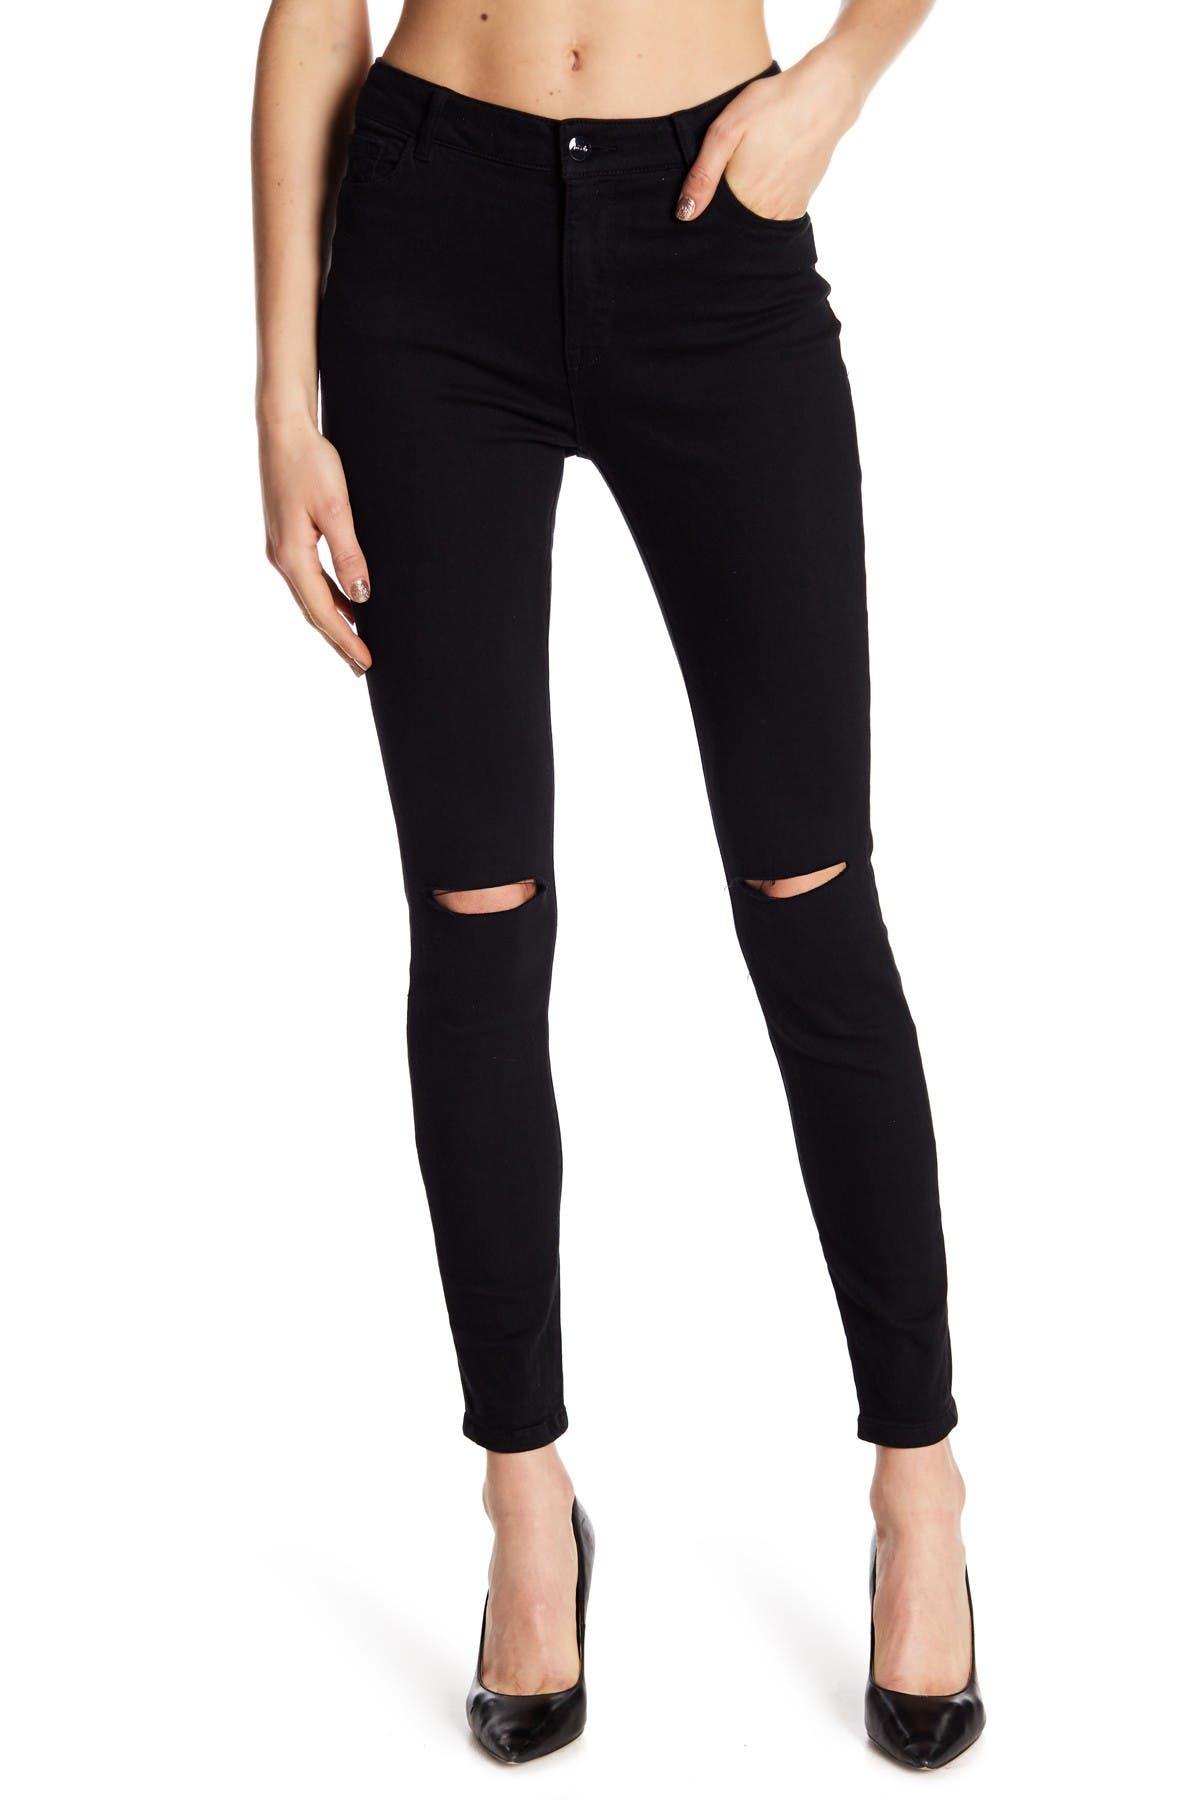 Image of NANETTE nanette lepore Gramercy Skinny Jeans